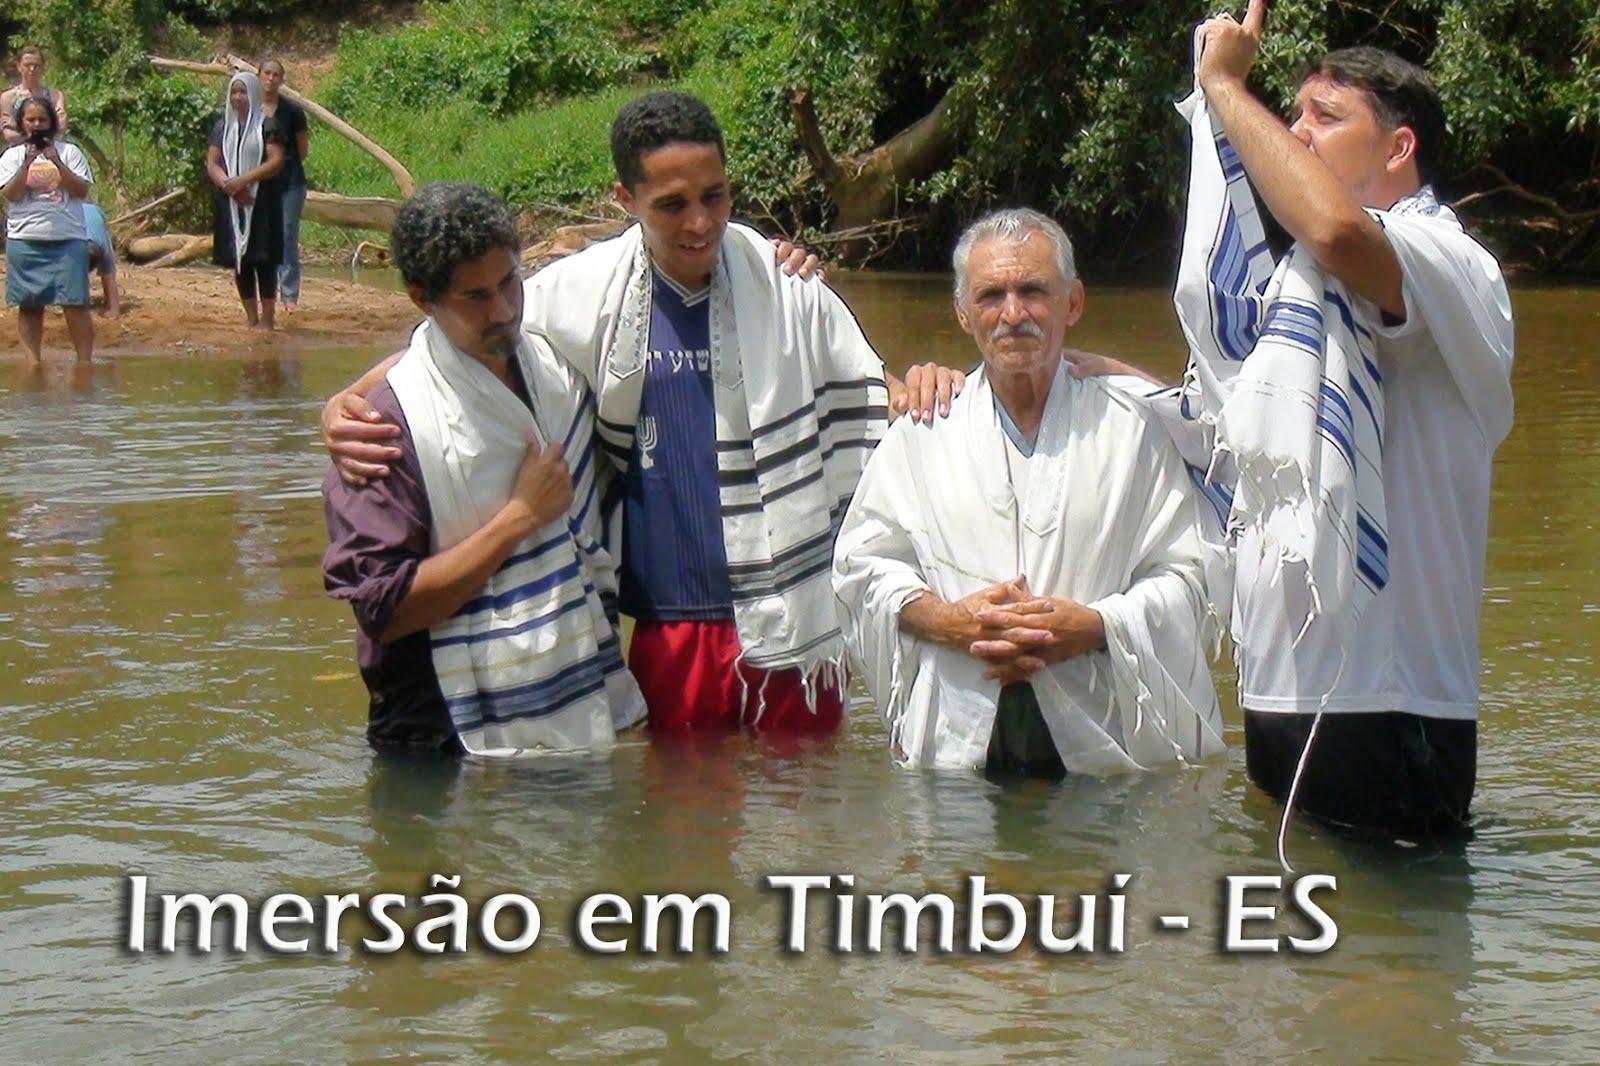 IMERSÃO MIKVEH HA TESHUVAH